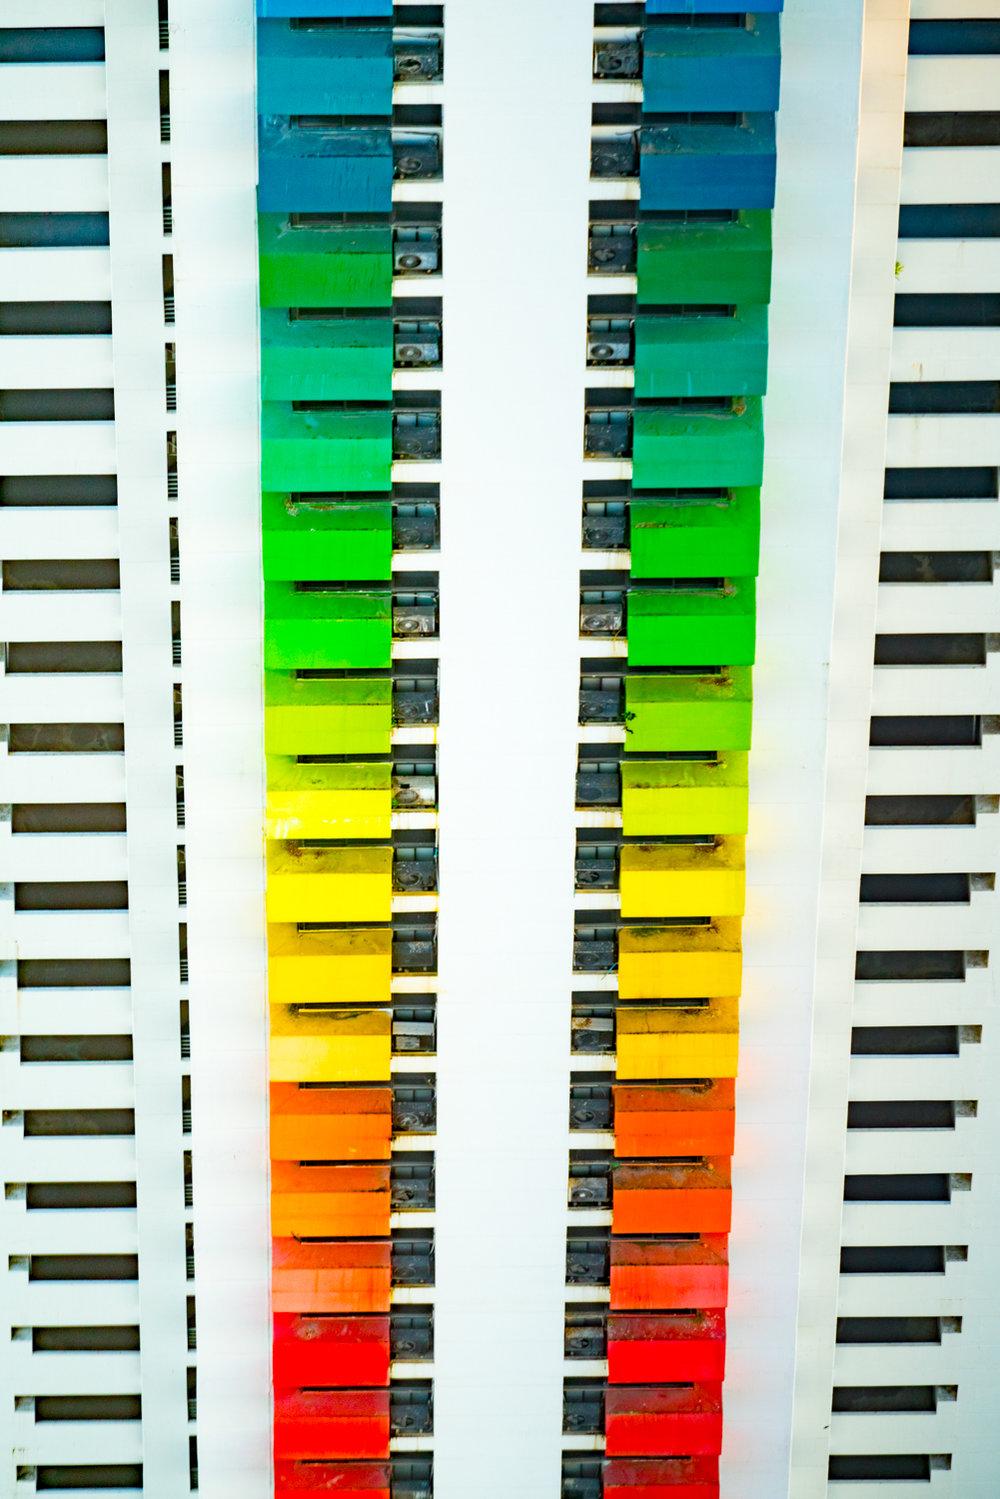 Sony A7RII,Sony FE 70-300mm f/4.5-5.6 (iso1000, f/5.6, 1/160s)